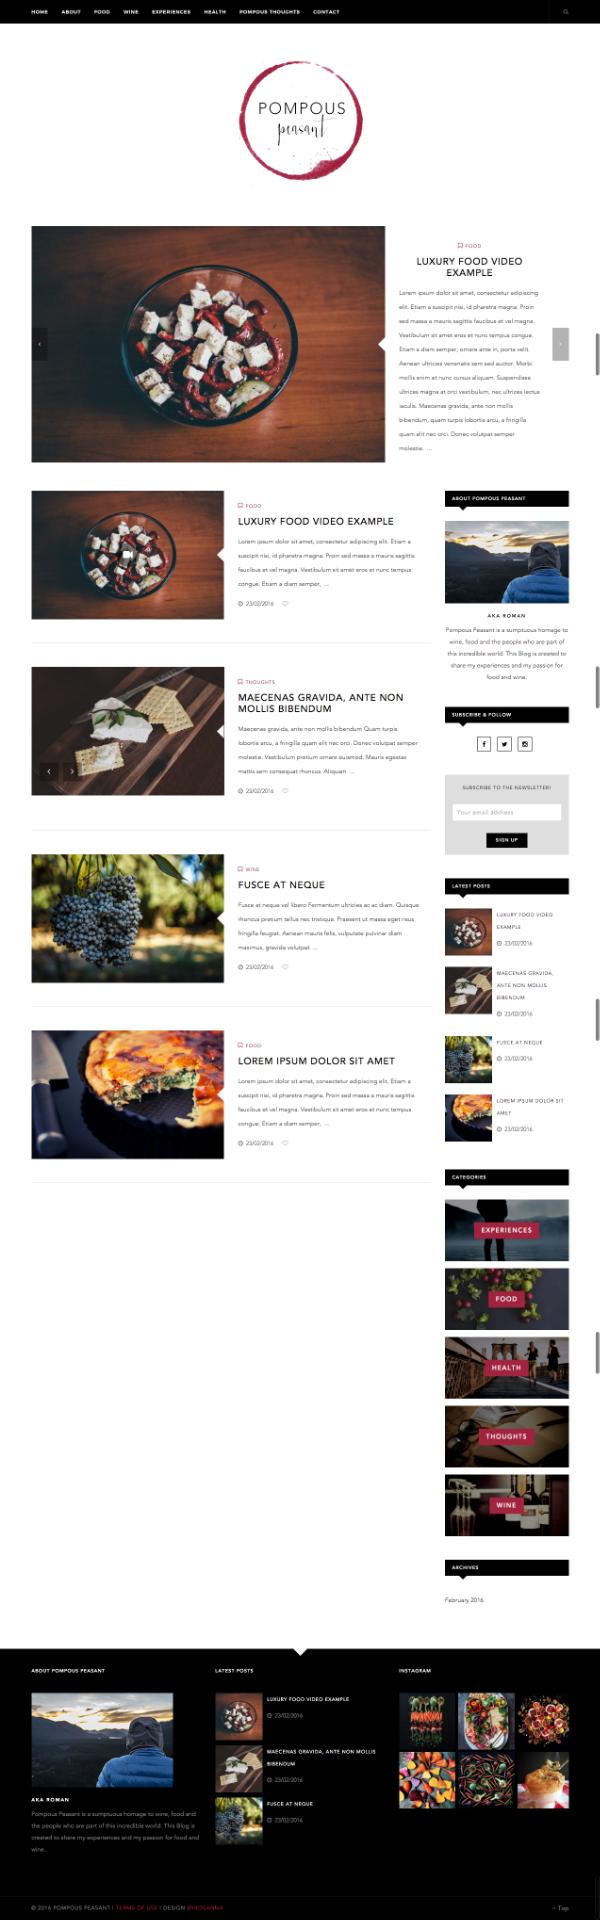 Blog Design for Pompous Peasant